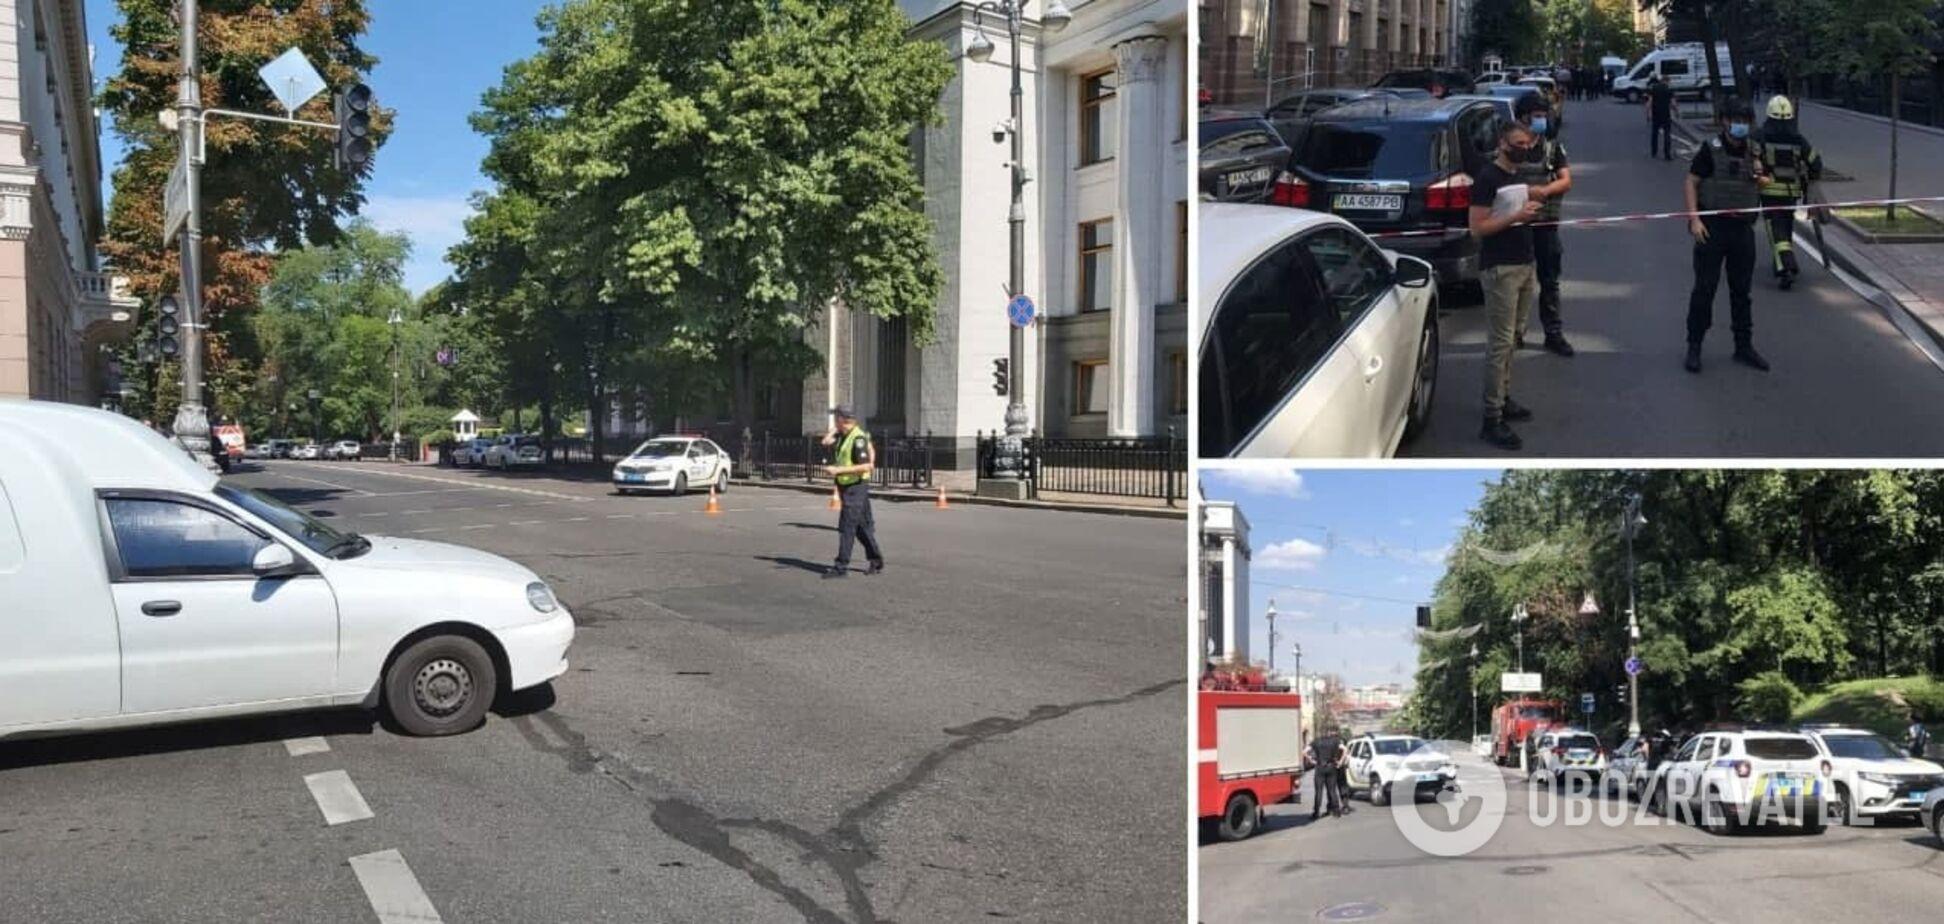 В Кабмин ворвался мужчина с гранатой и угрожает устроить взрыв: спецназ готовит штурм здания. Онлайн-трансляция